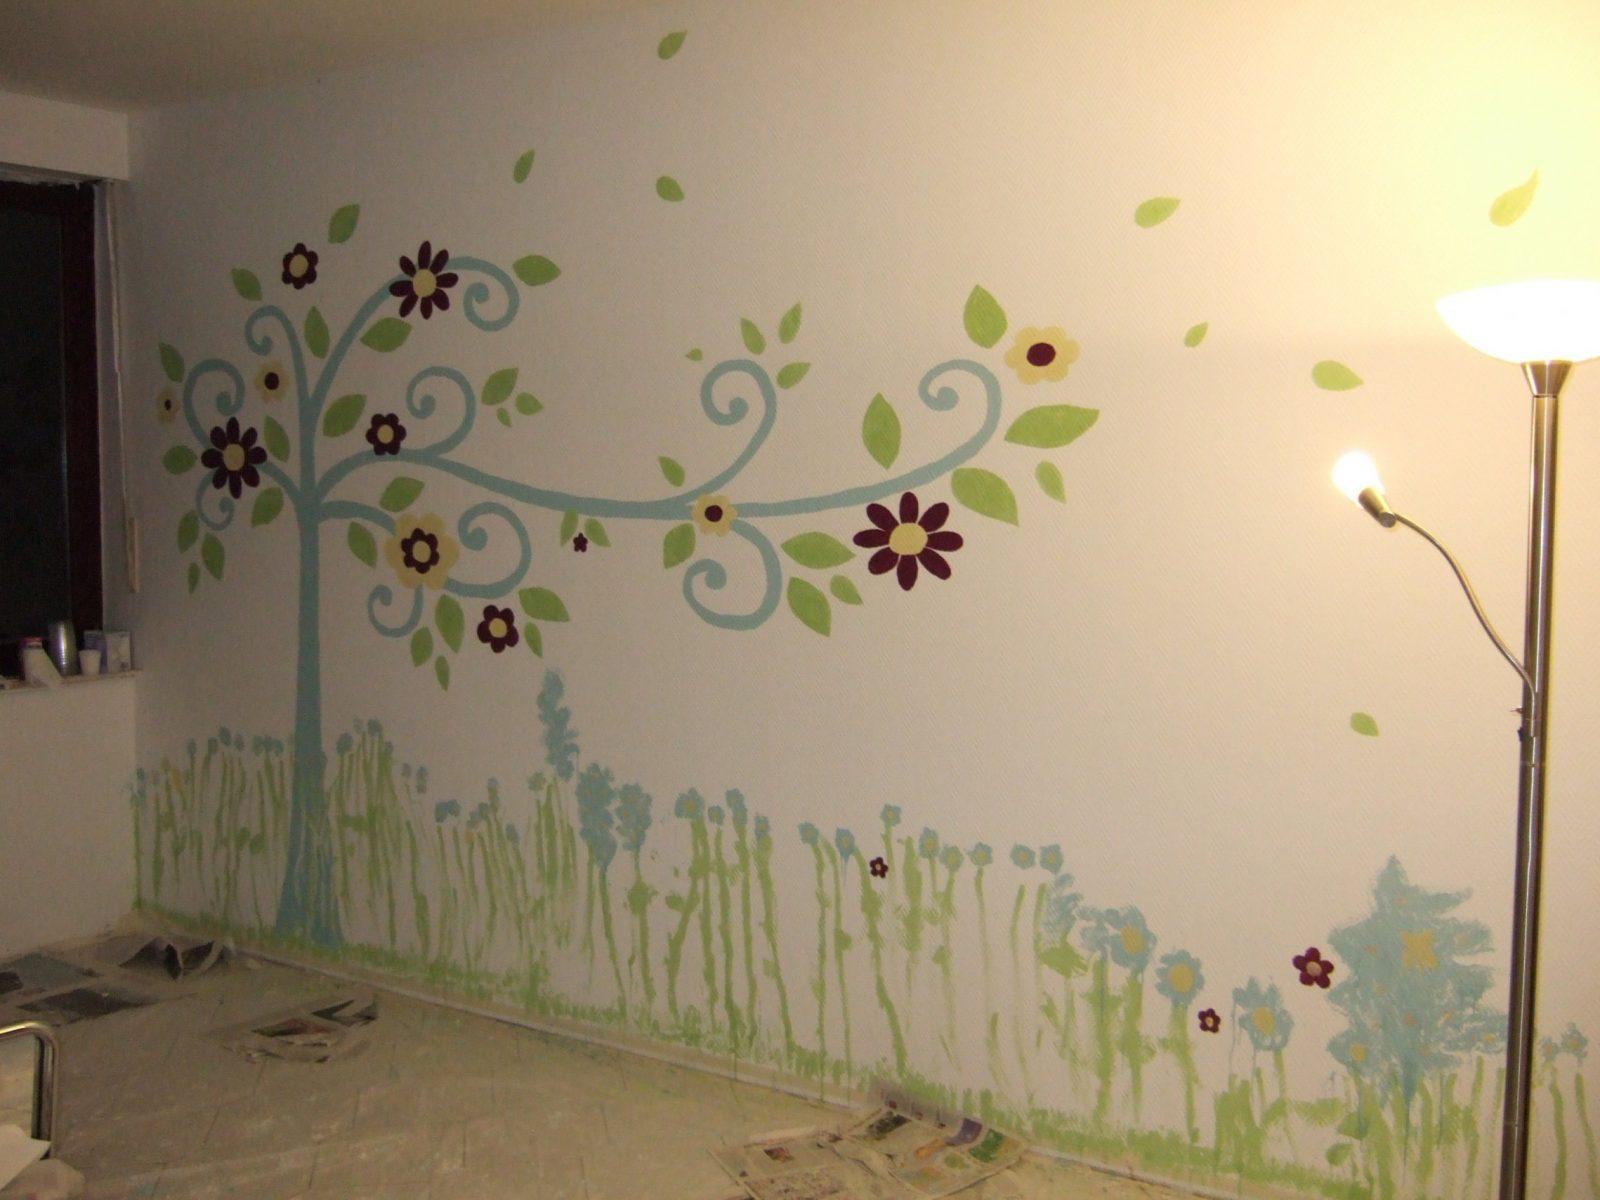 Muster Wand Selber Malen  Kinderzimmer Wandgestaltung Selber Malen von Babyzimmer Wände Gestalten Malen Motiv Vorlagen Photo